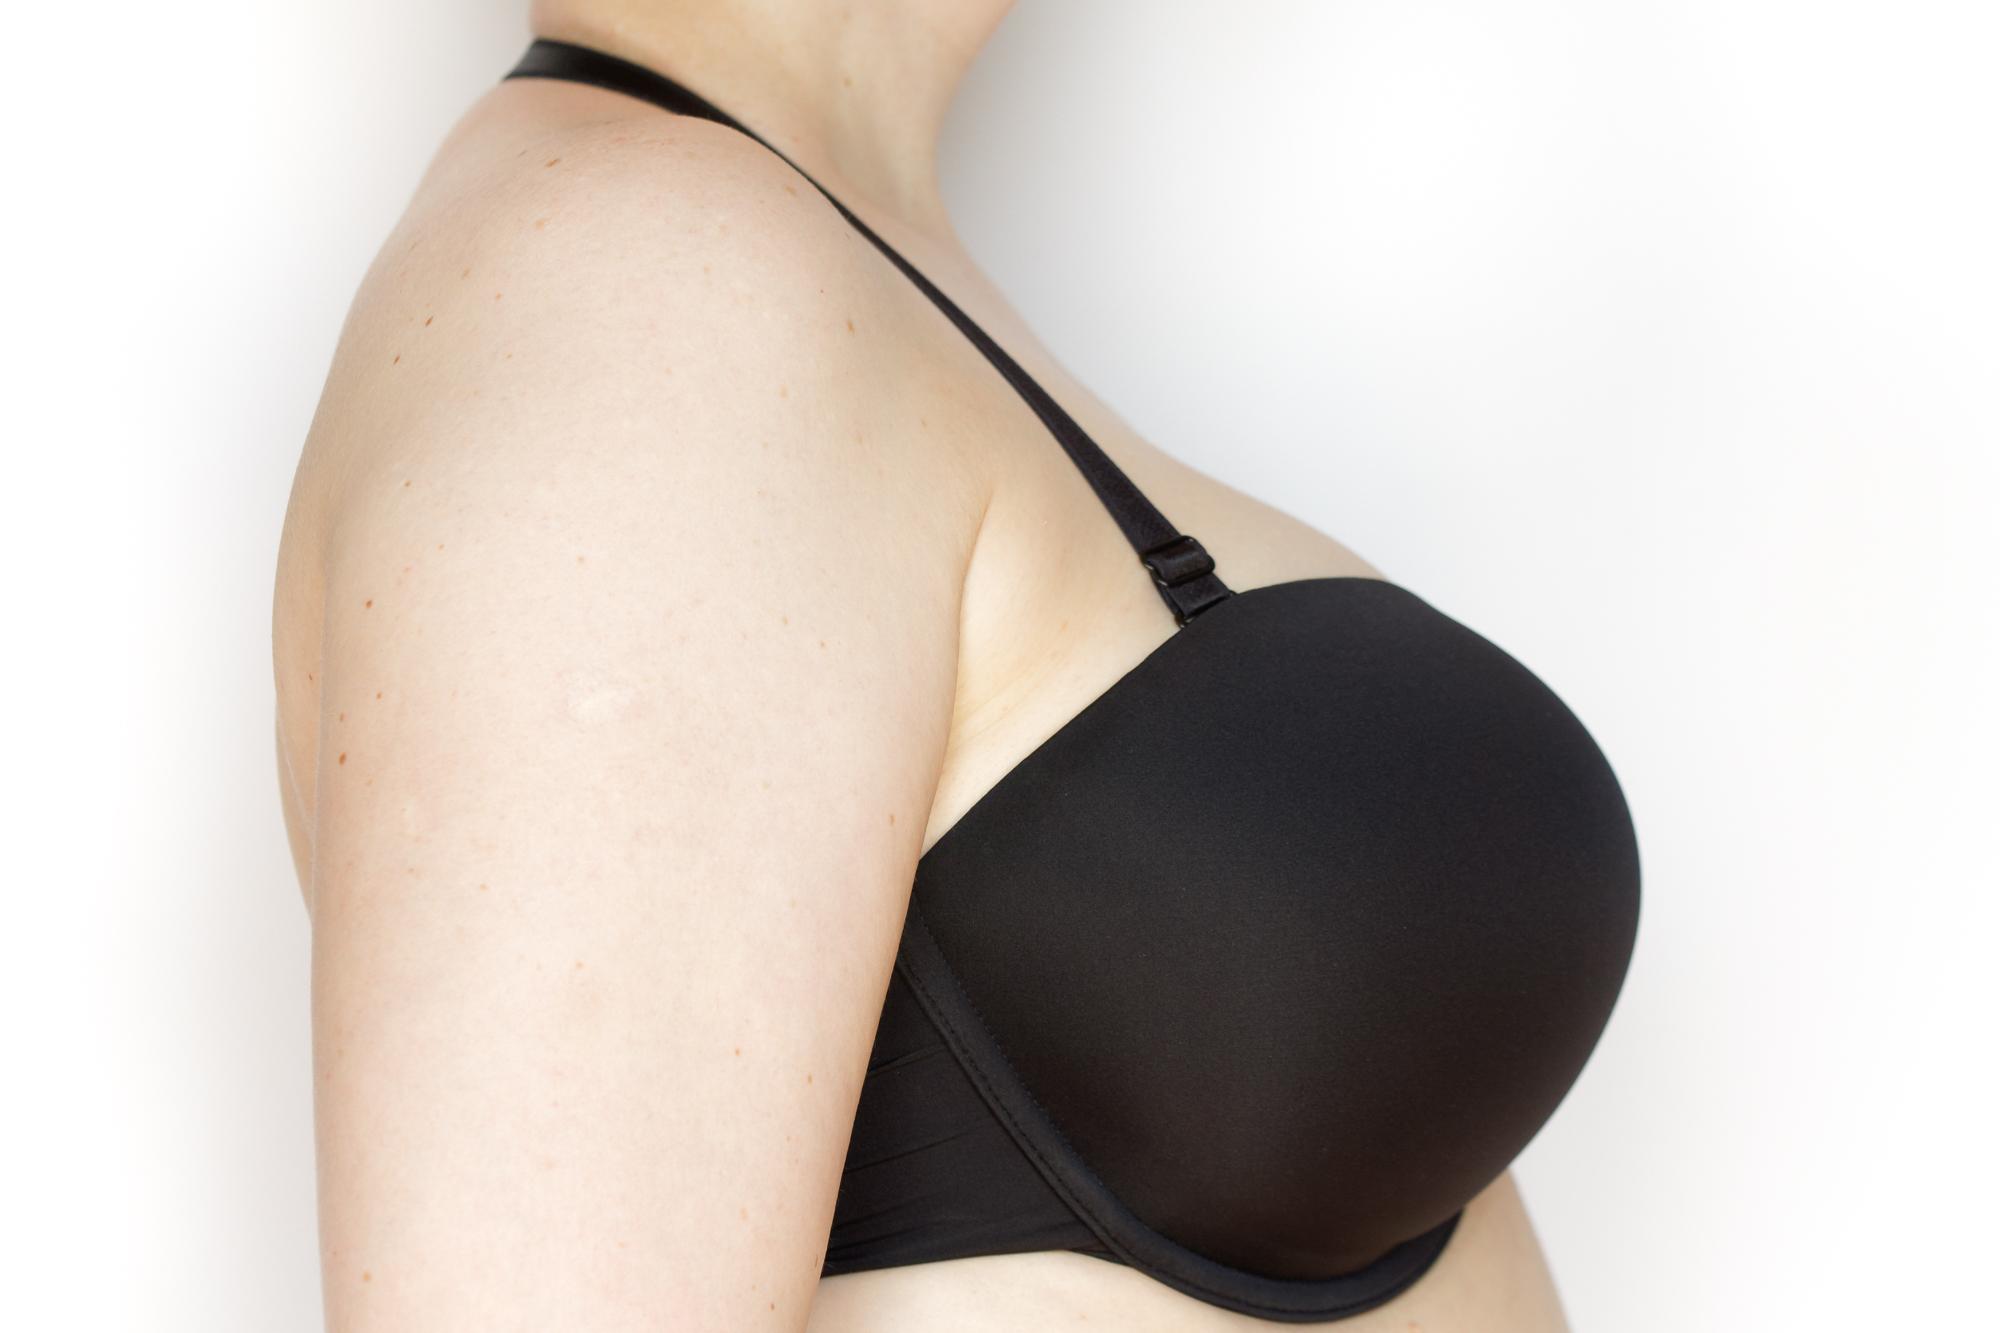 Biustonosz Porcelain Elan moulded strapless z ramiączkiem przełożonym przez szyję - prawy profil